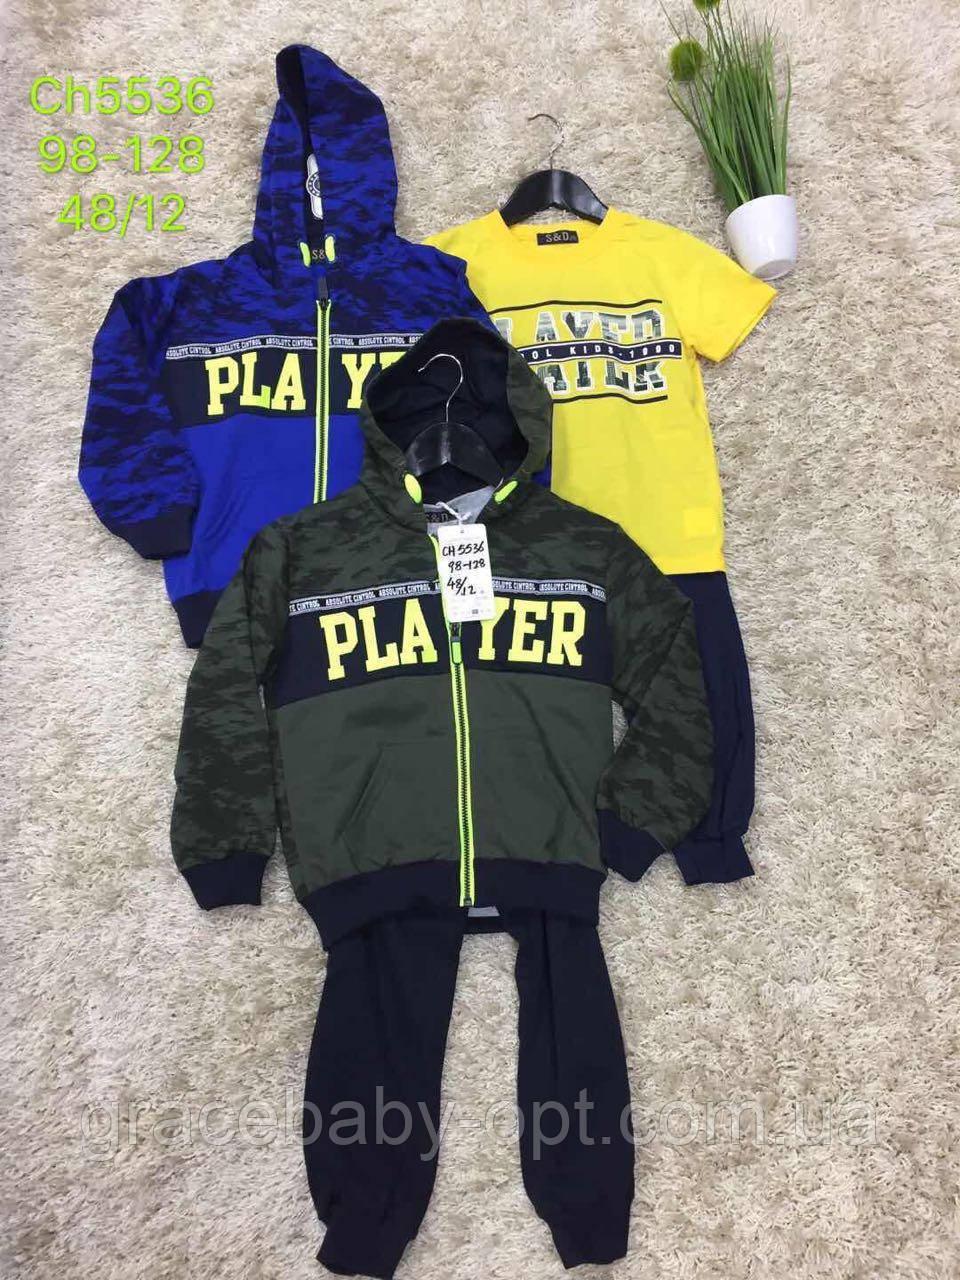 Трикотажный костюм 3 в 1 для мальчика оптом, S&D, 98-128 см,  № CH-5536, фото 1